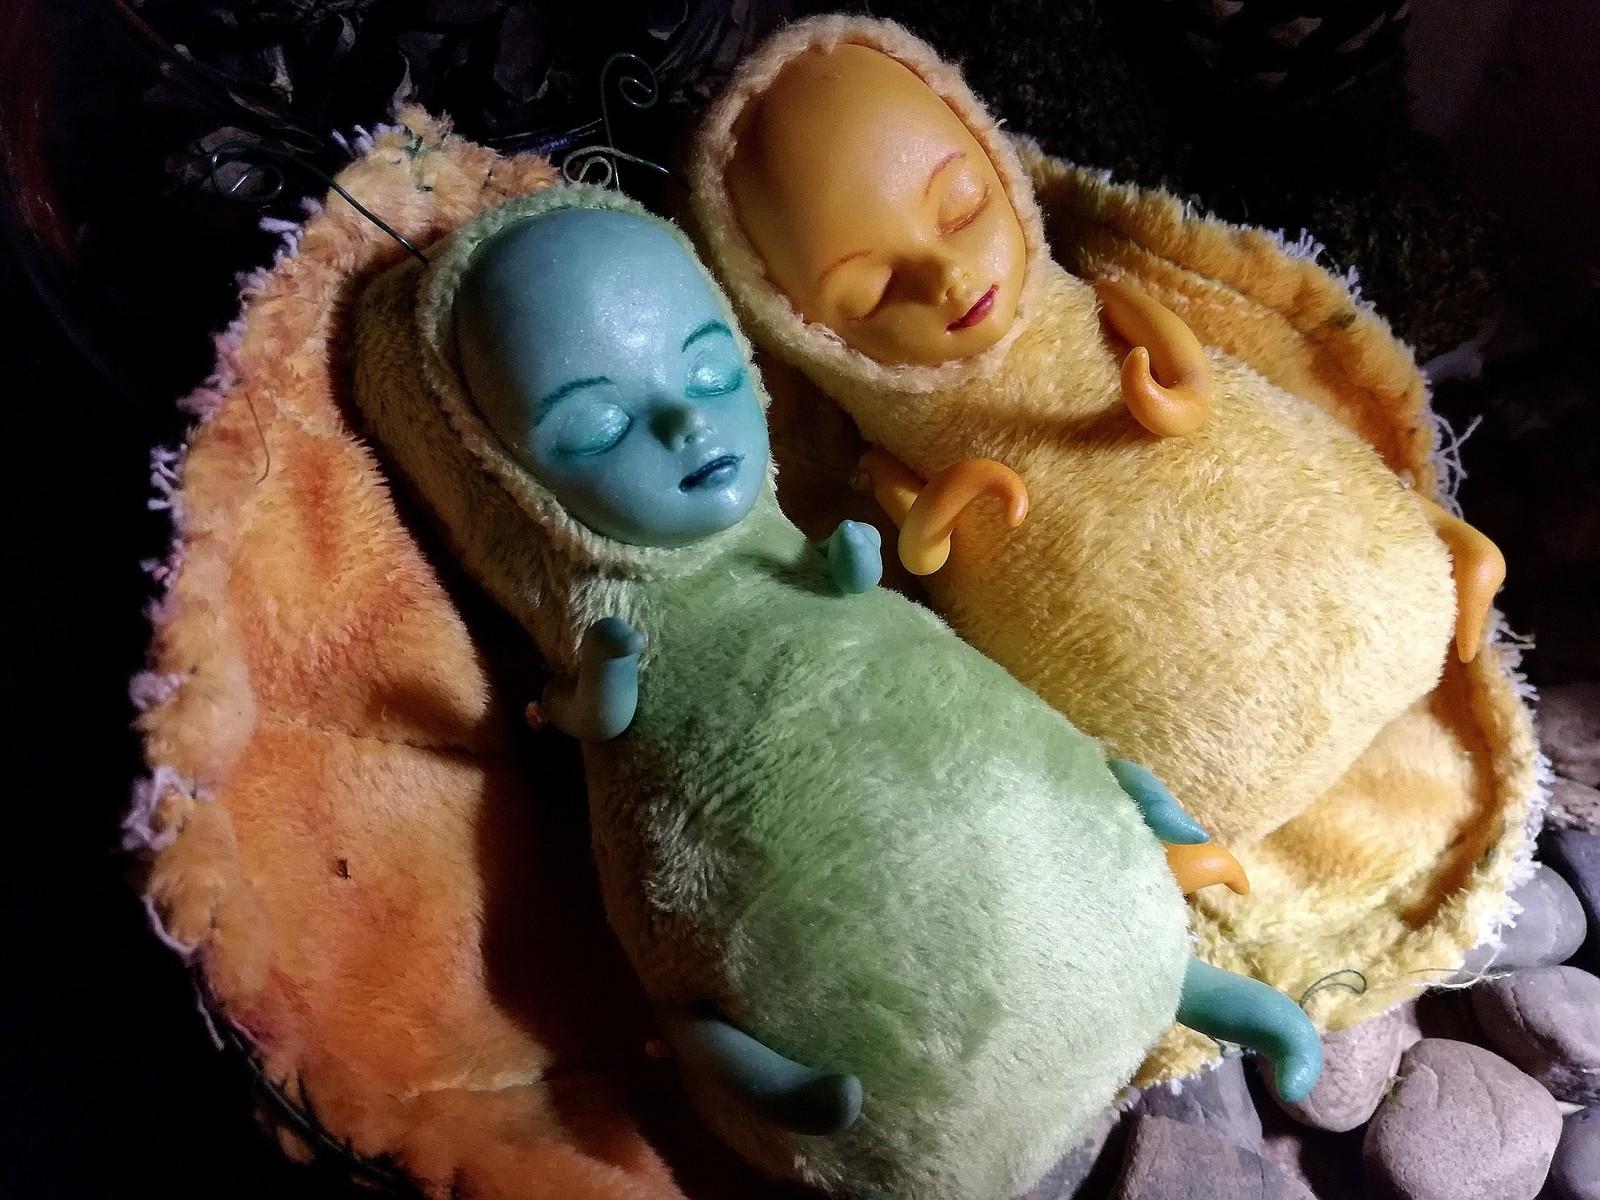 Обои игрушка, Кукла, шея. Настроения foto 8